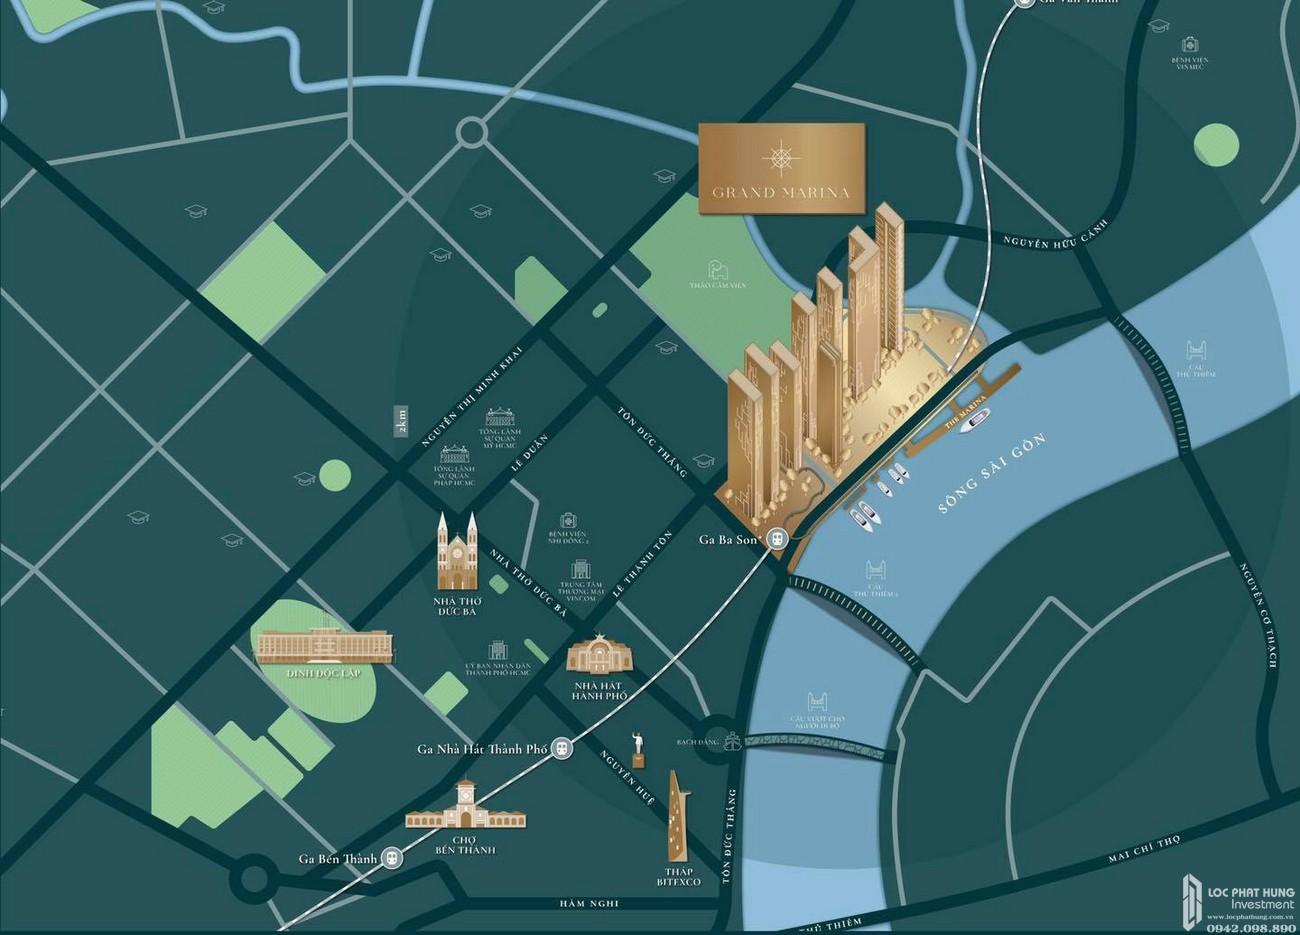 Vị trí địa chỉ dự án căn hộ chung cư Grand Marina Saigon Quận 1 Đường Nguyễn Hữu Cảnh chủ đầu tư Masterise Homes